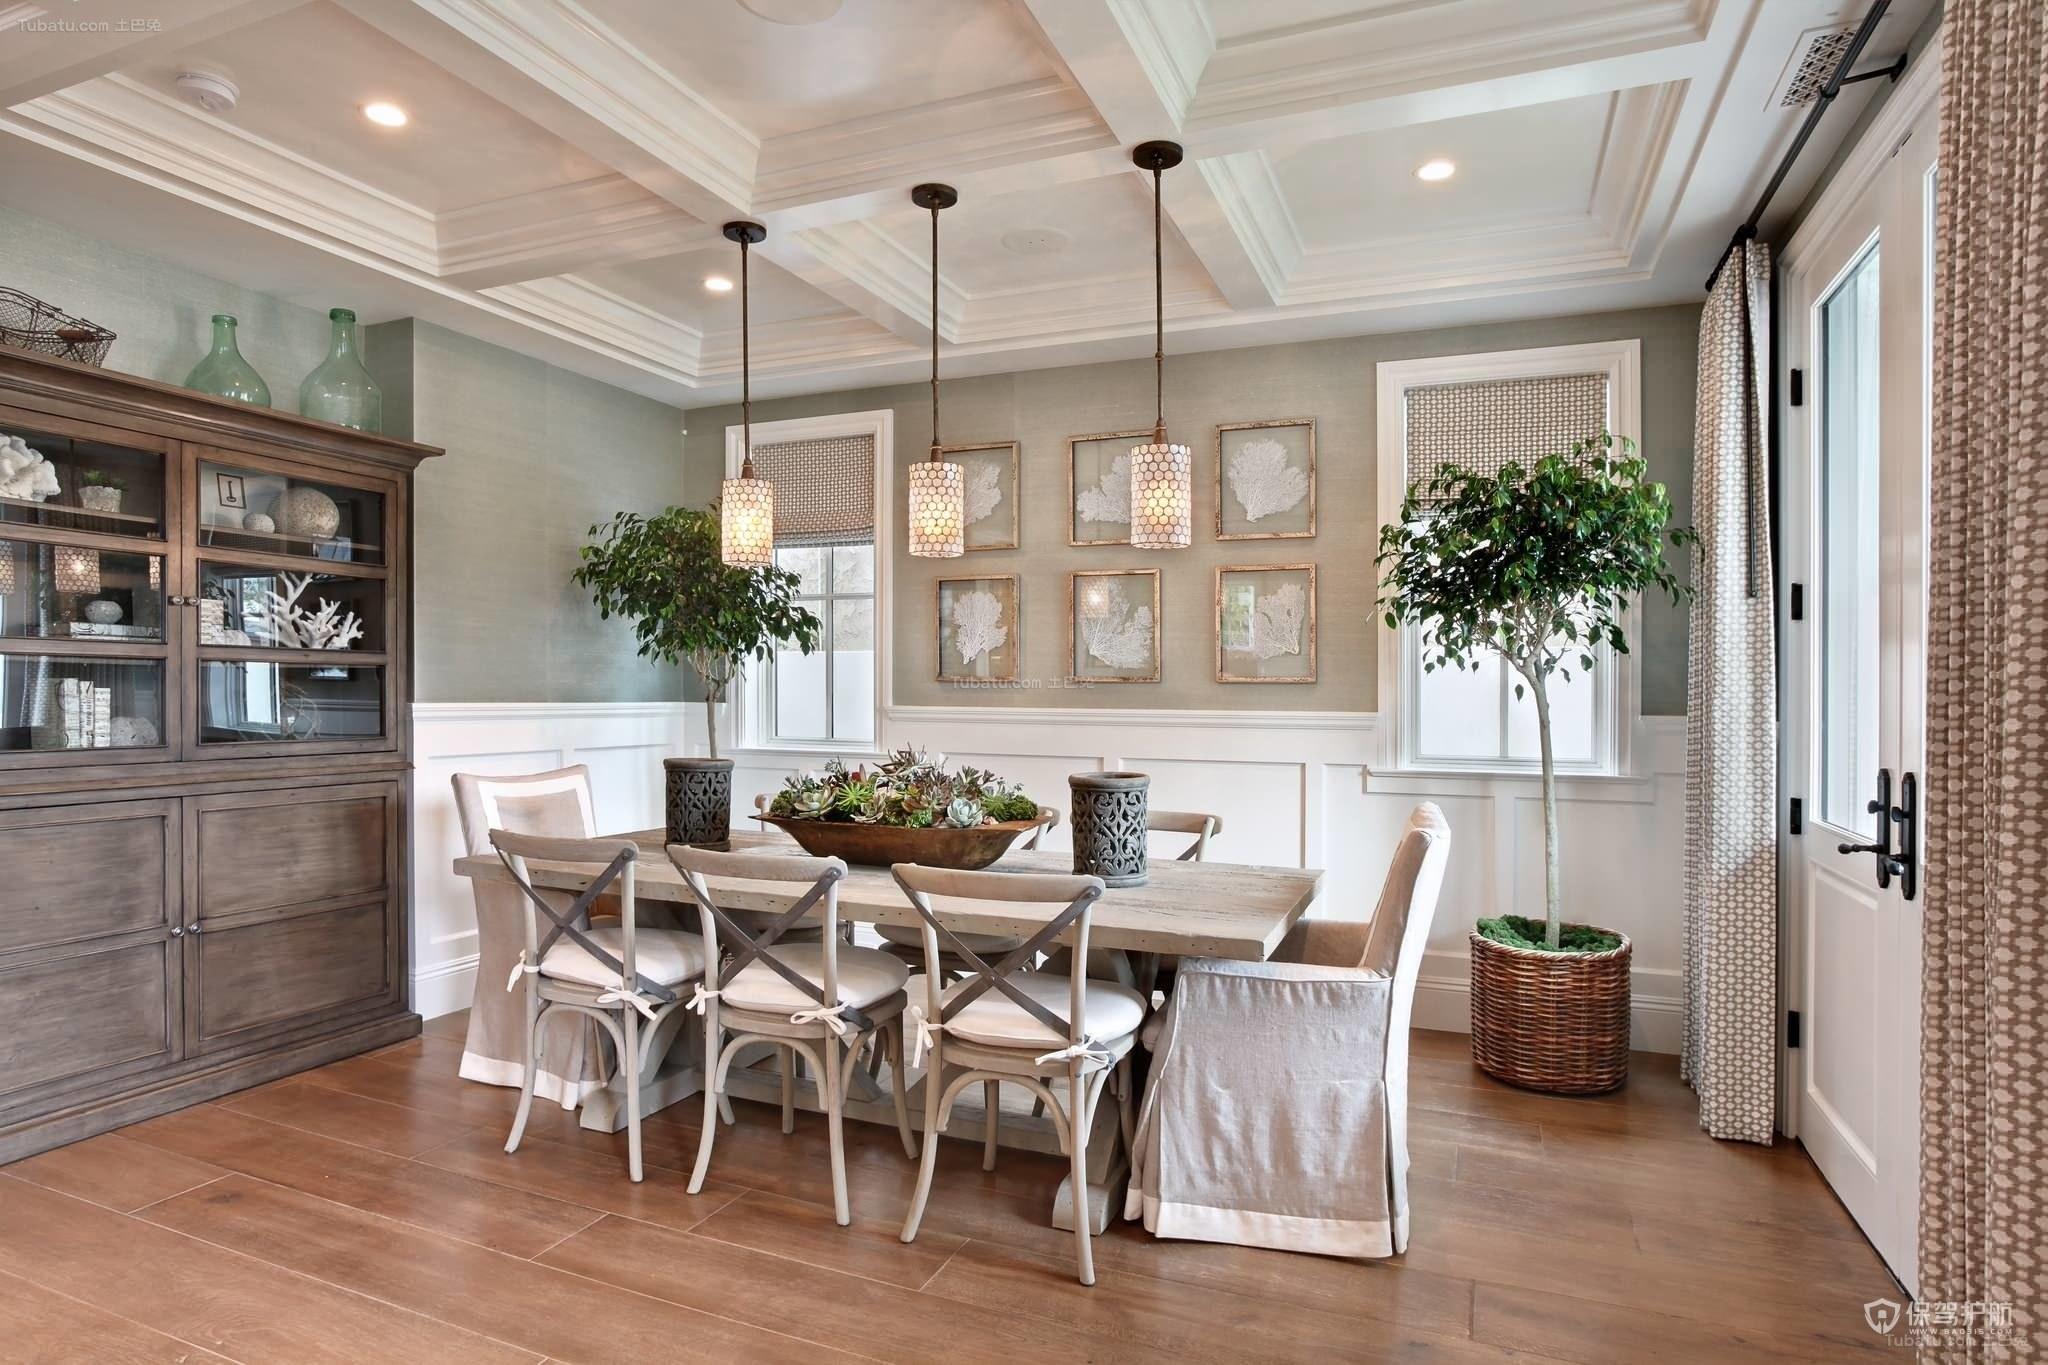 優雅美式三居室餐廳裝修效果圖